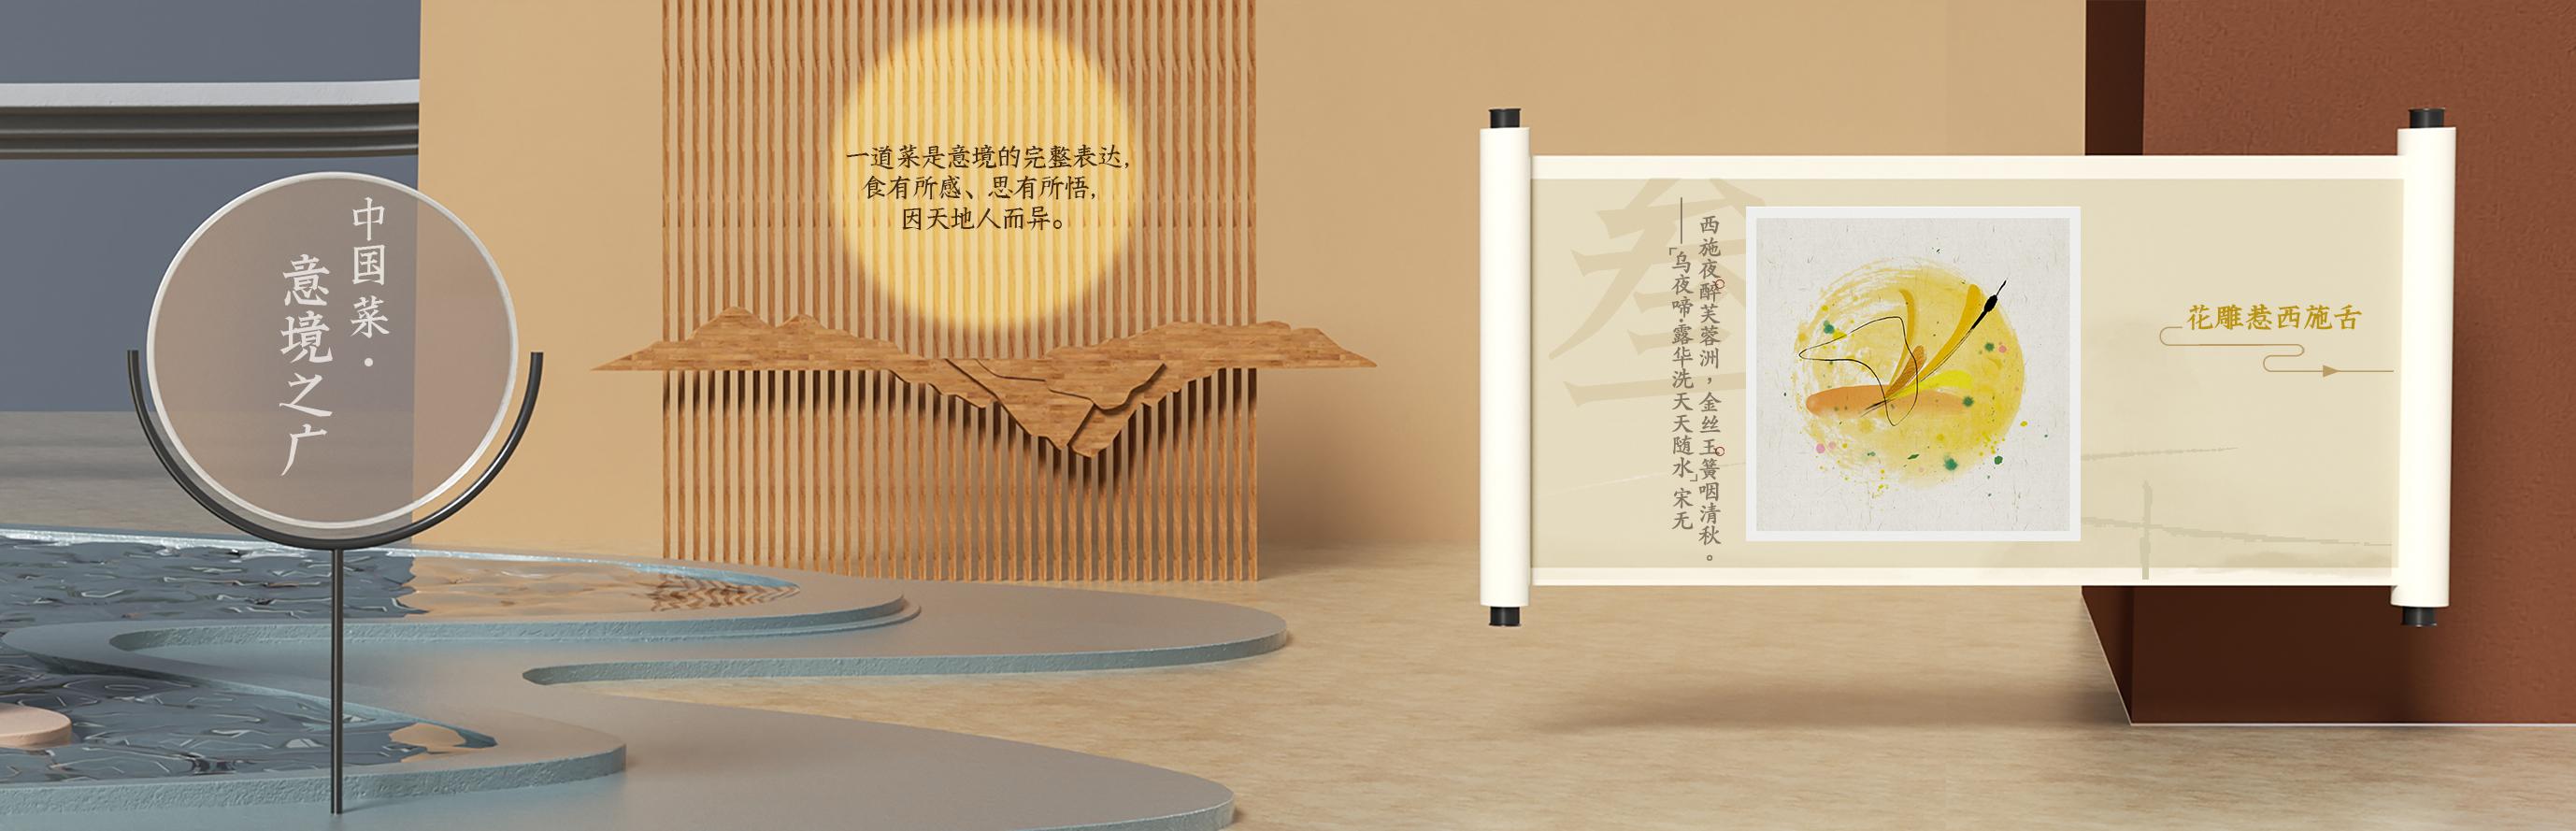 传递中华美食文化,助力餐饮消费回暖 ——民生信用卡【新人文之旅】线上启幕